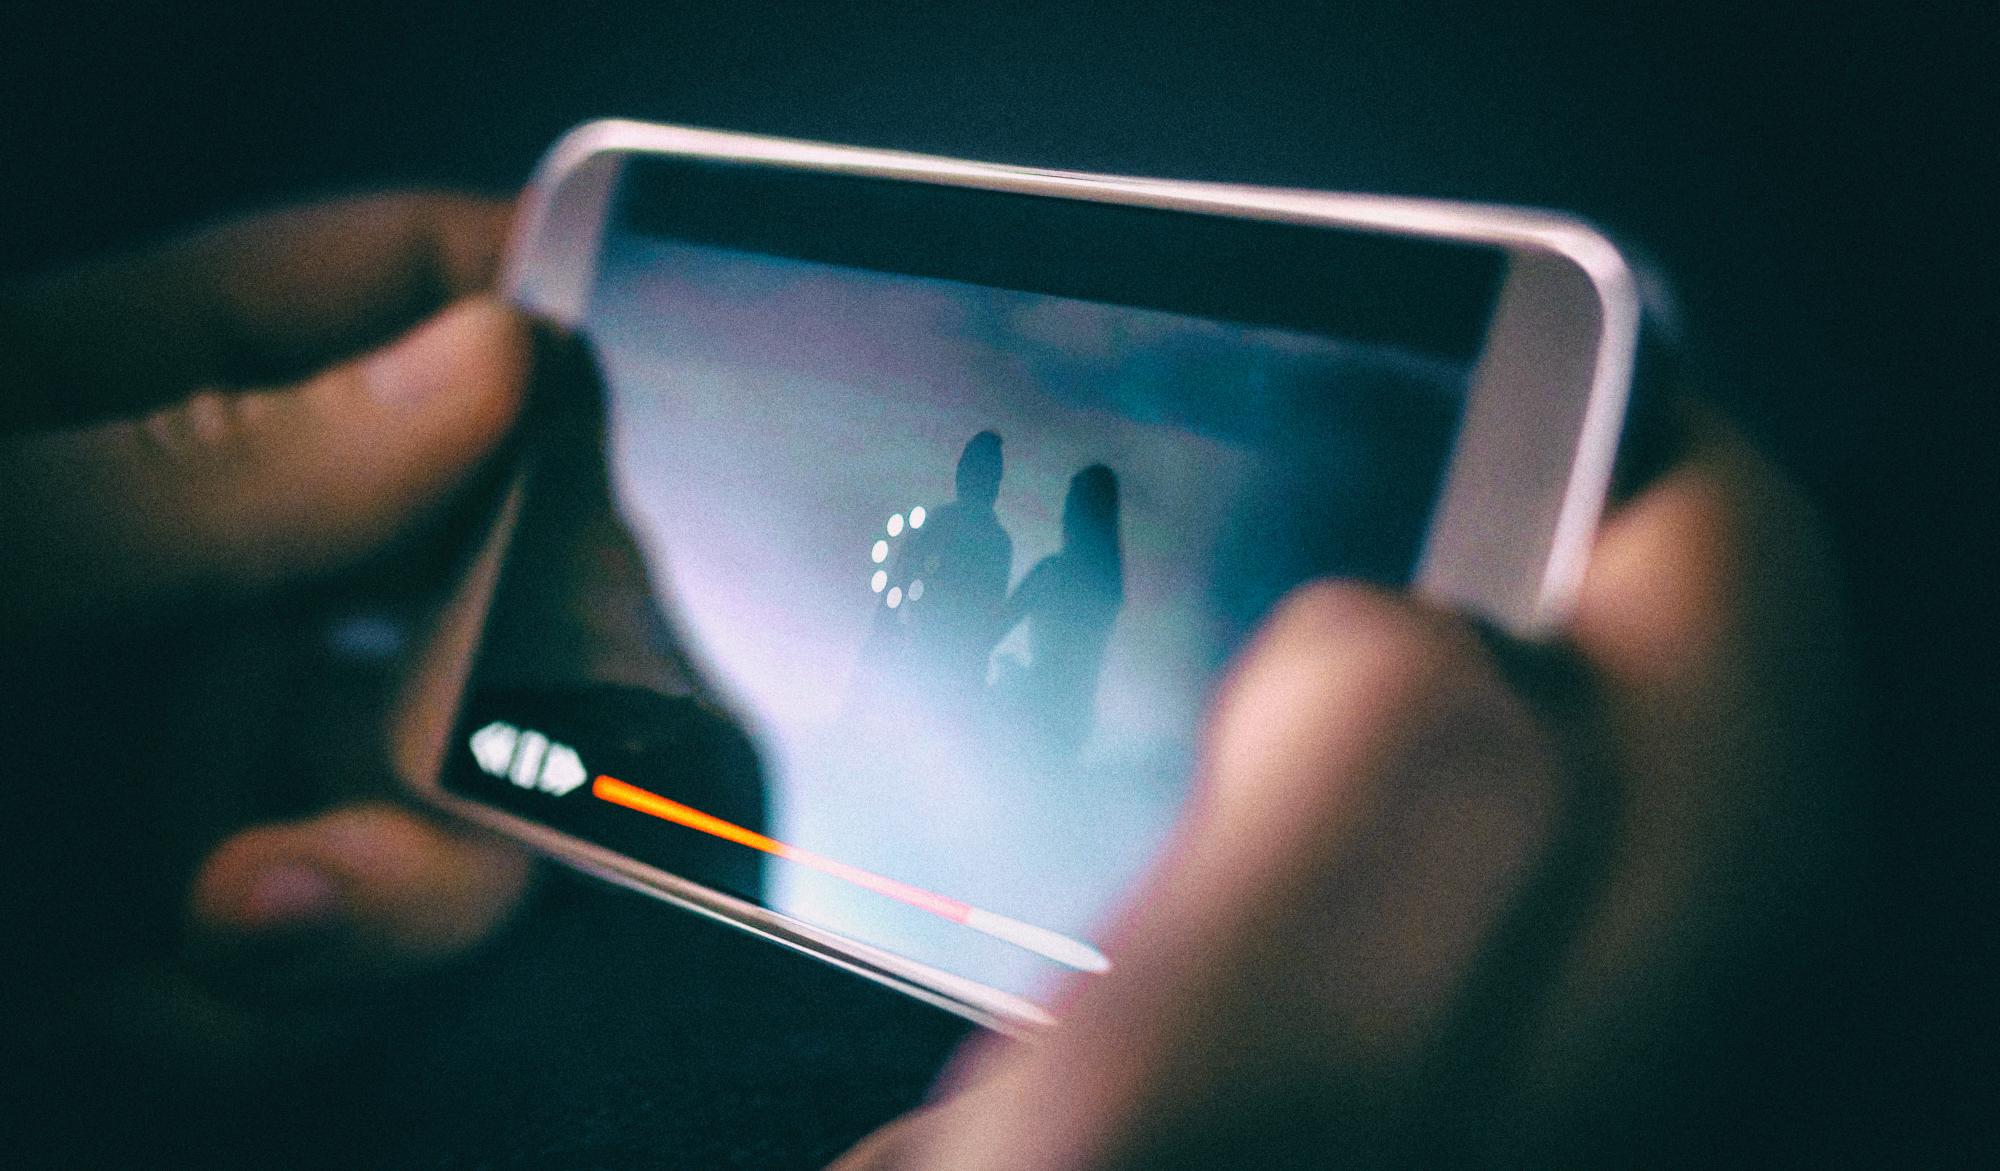 Ученые нашли способ ускорить загрузку видео через перегруженный Wi-Fi